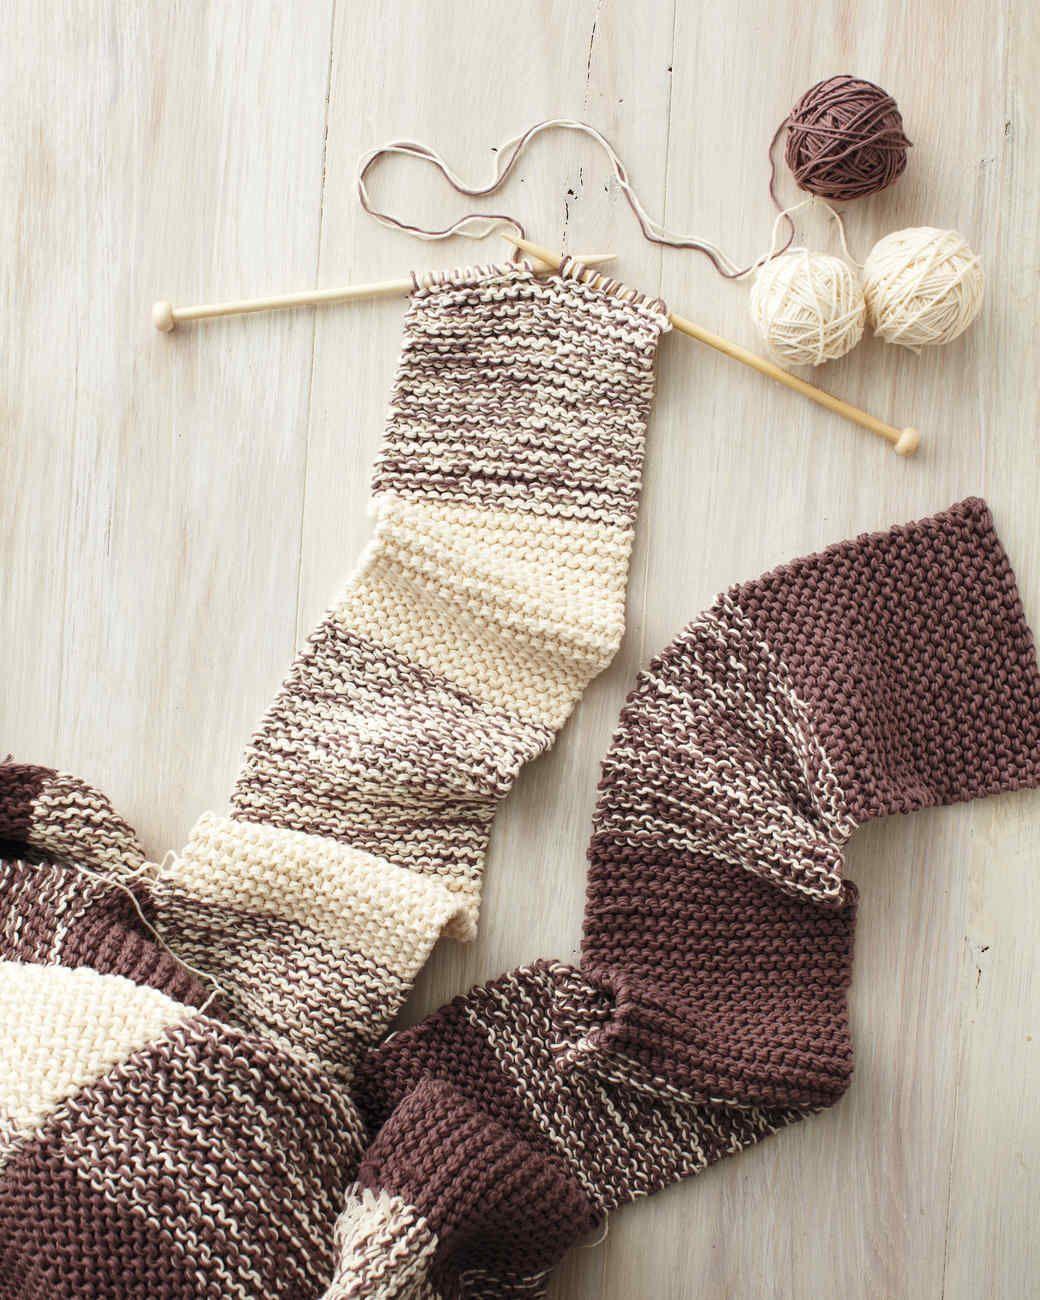 Gingham Knit Blanket | Knitting | Pinterest